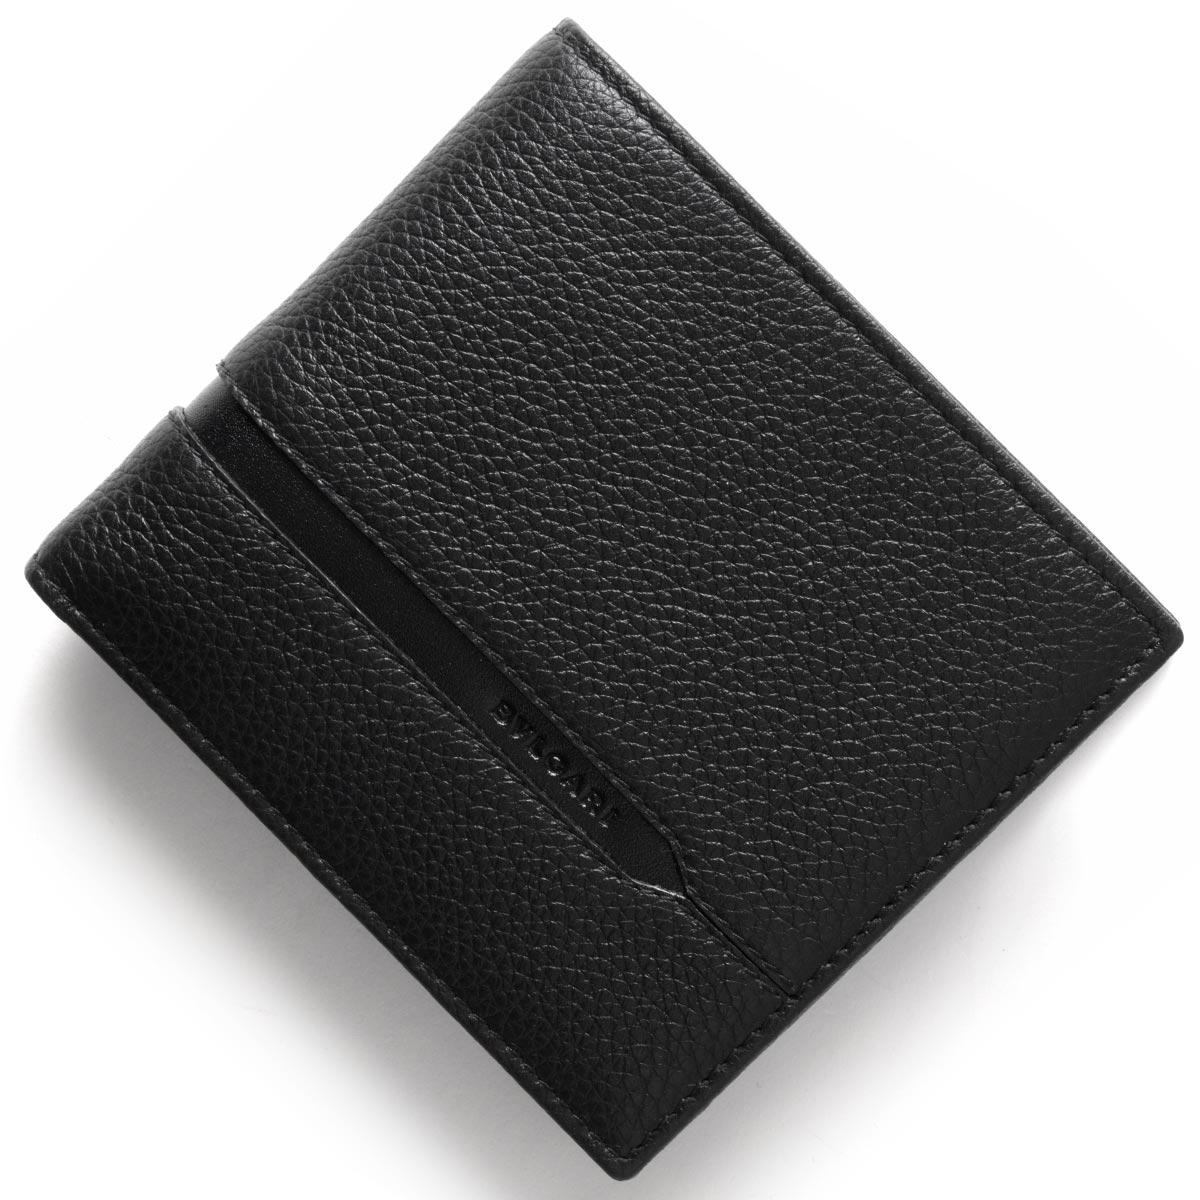 71a228288a1a ブルガリ BVLGARI ルイヴィトン 二つ折り財布 オクト OCTO ブラック ...